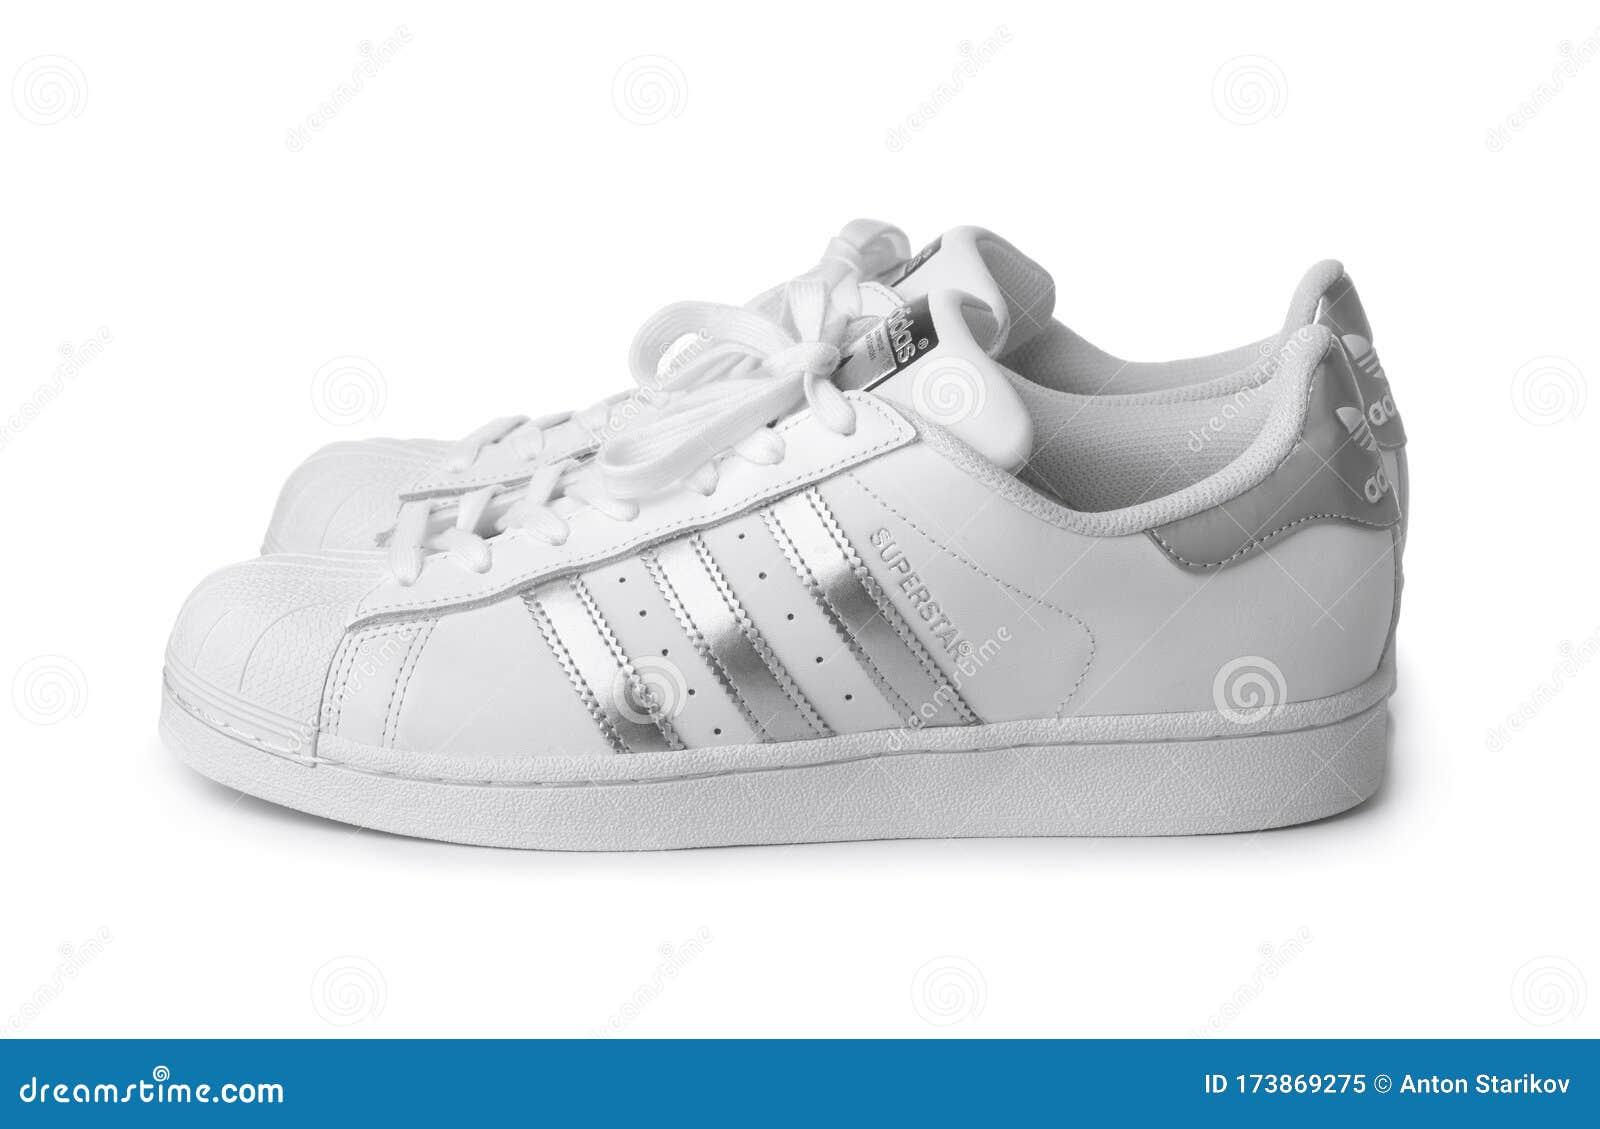 Adidas Superstar White Vintage Sport